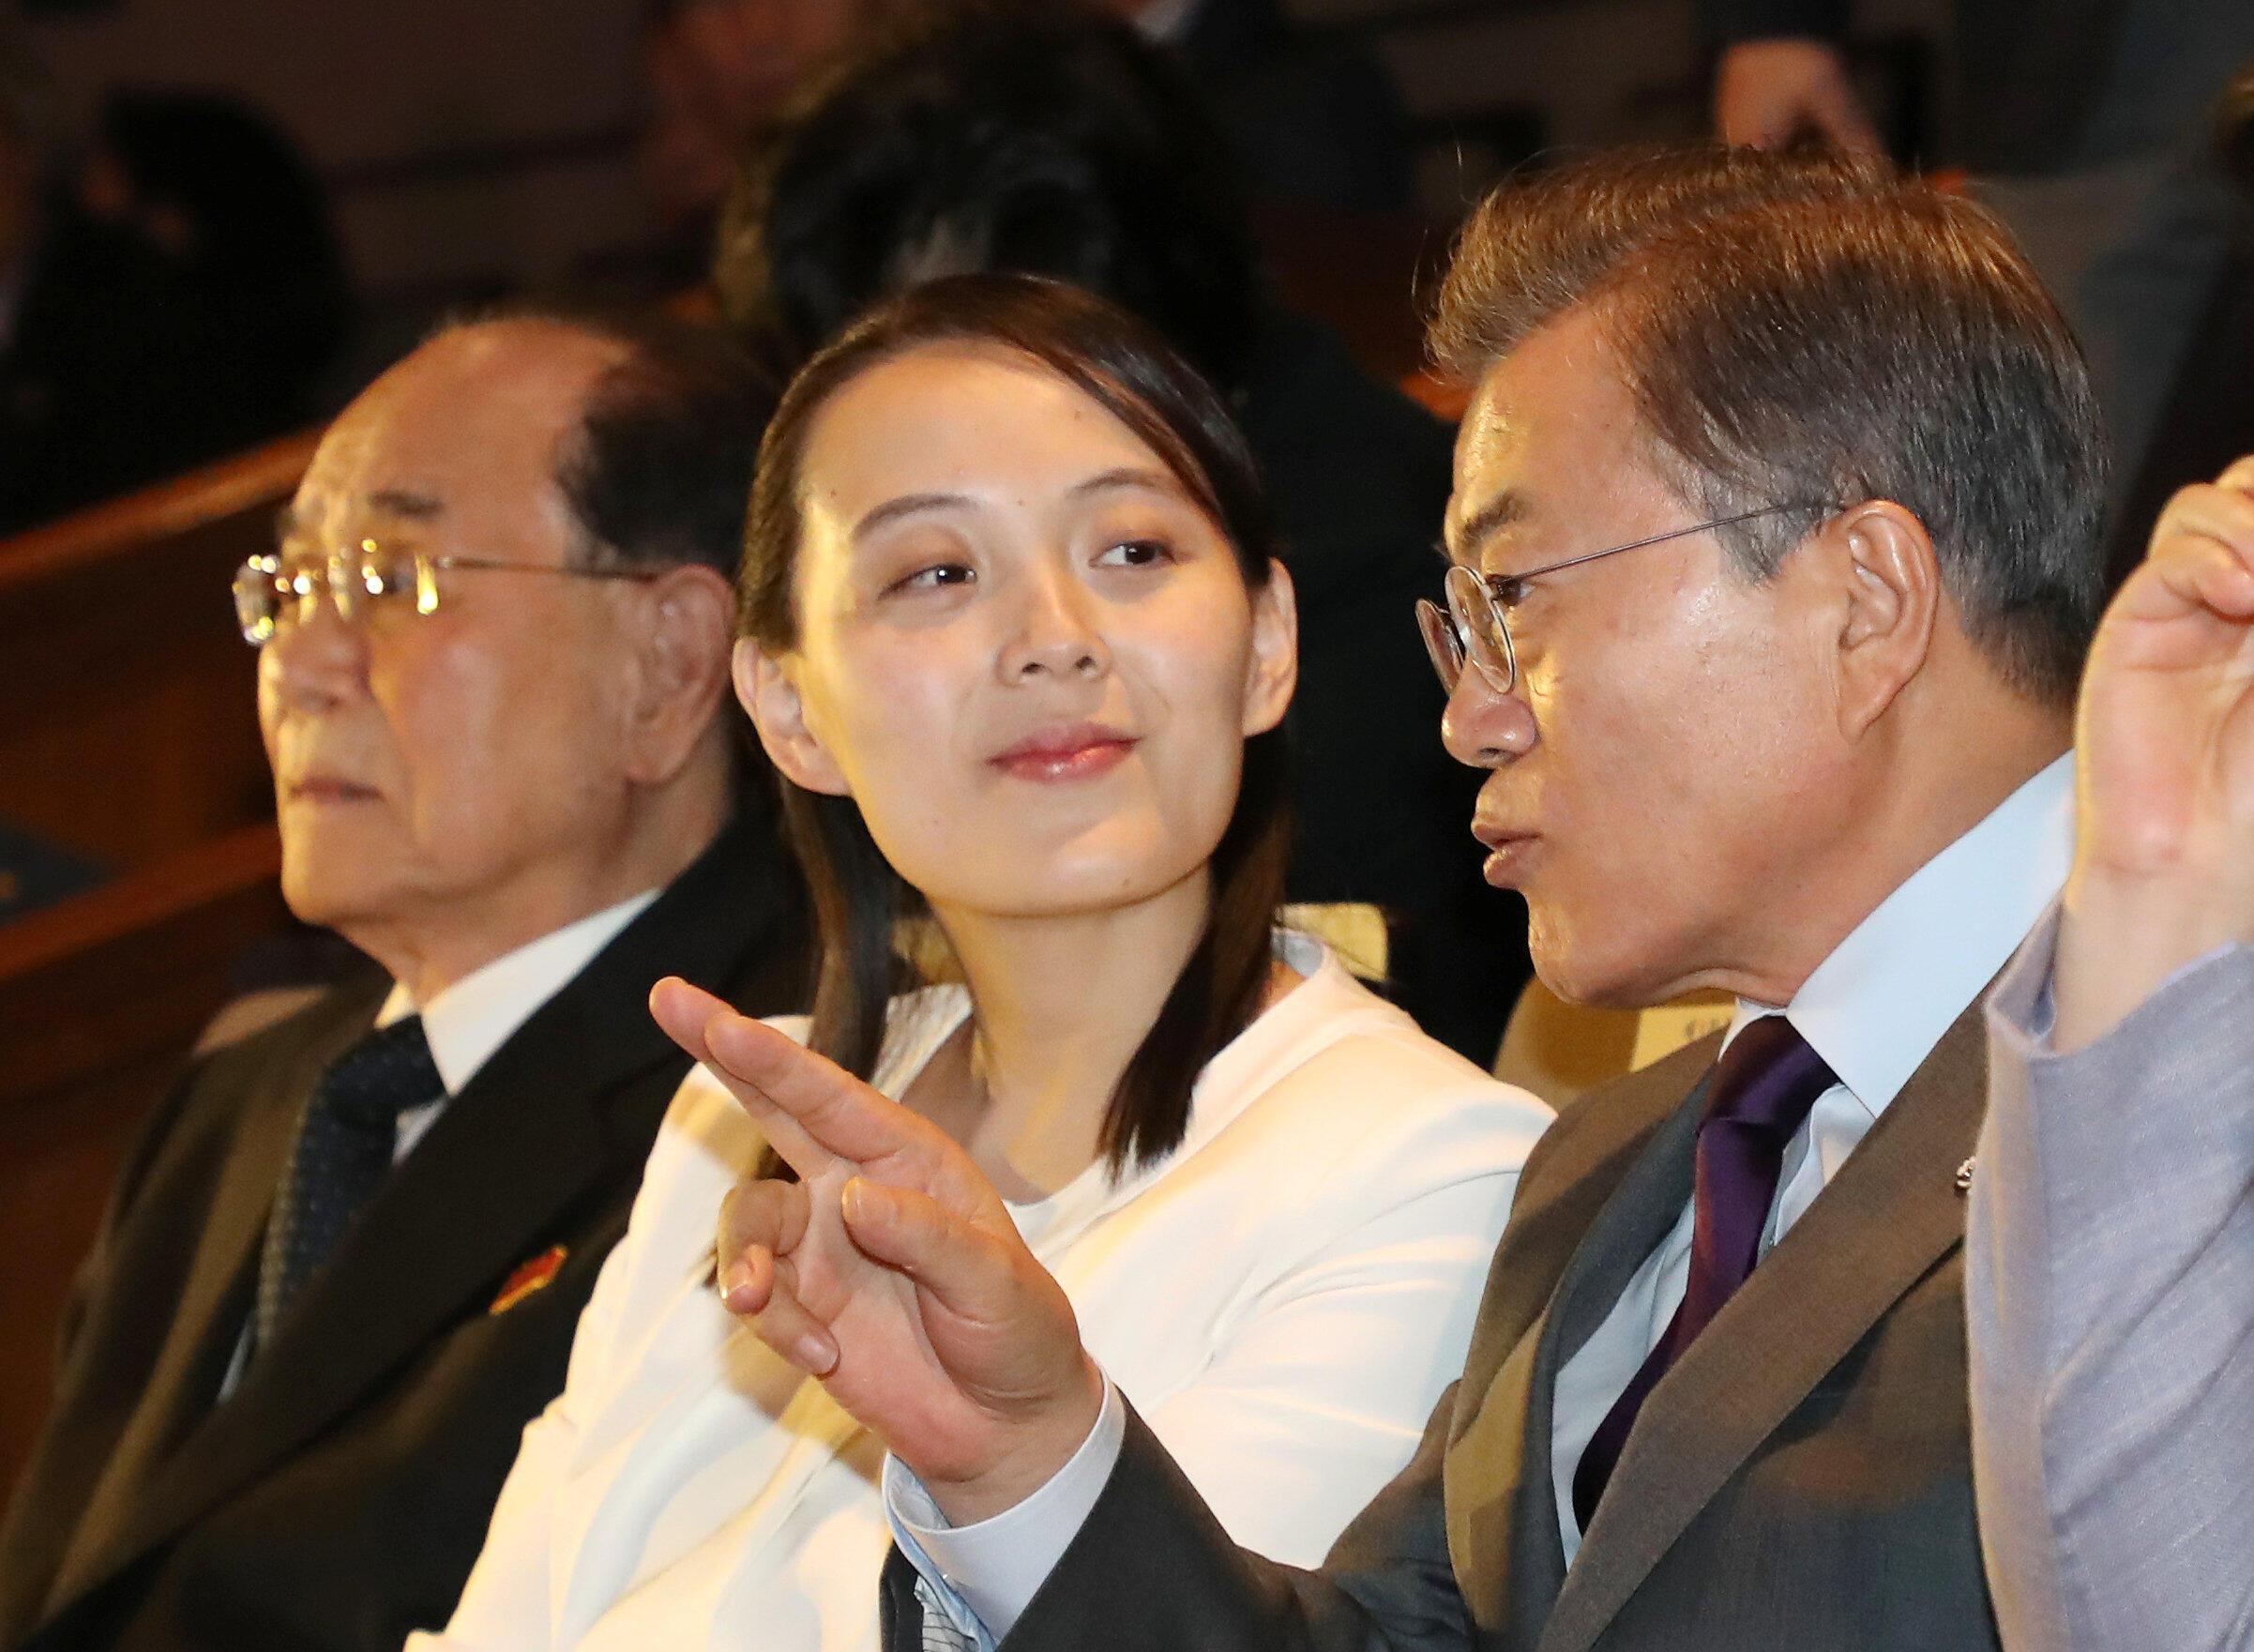 Tổng thống Hàn Quốc Moon Jae In (P) và Kim Yo Jong (G), em gái lãnh đạo Bắc Triều Tiên Kim Jong Un xem biểu diễn ca nhạc của đoàn văn công Bắc Triều Tiên, ngày 11/02/2018, tại Seoul.